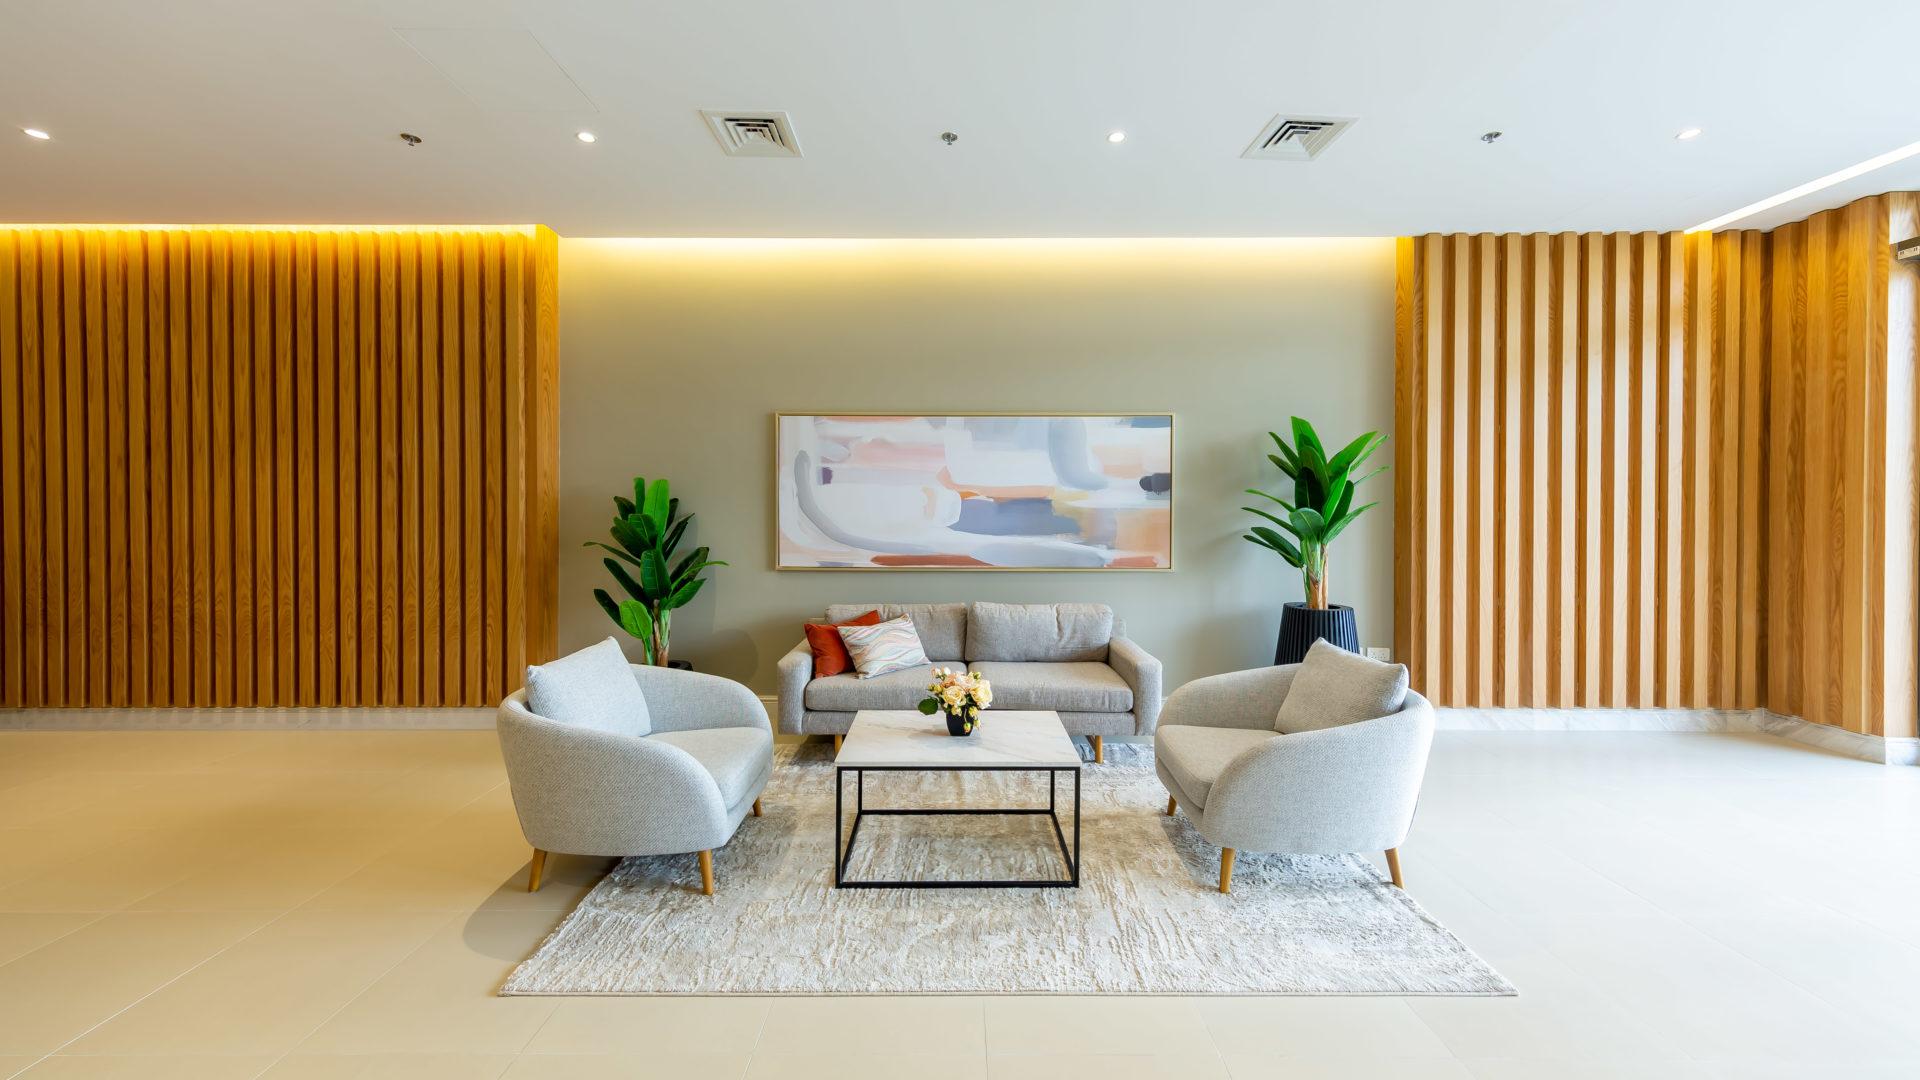 Готовая квартира с 3 спальнями и гостиной в Safi с рассрочкой на 5 лет | Town Square